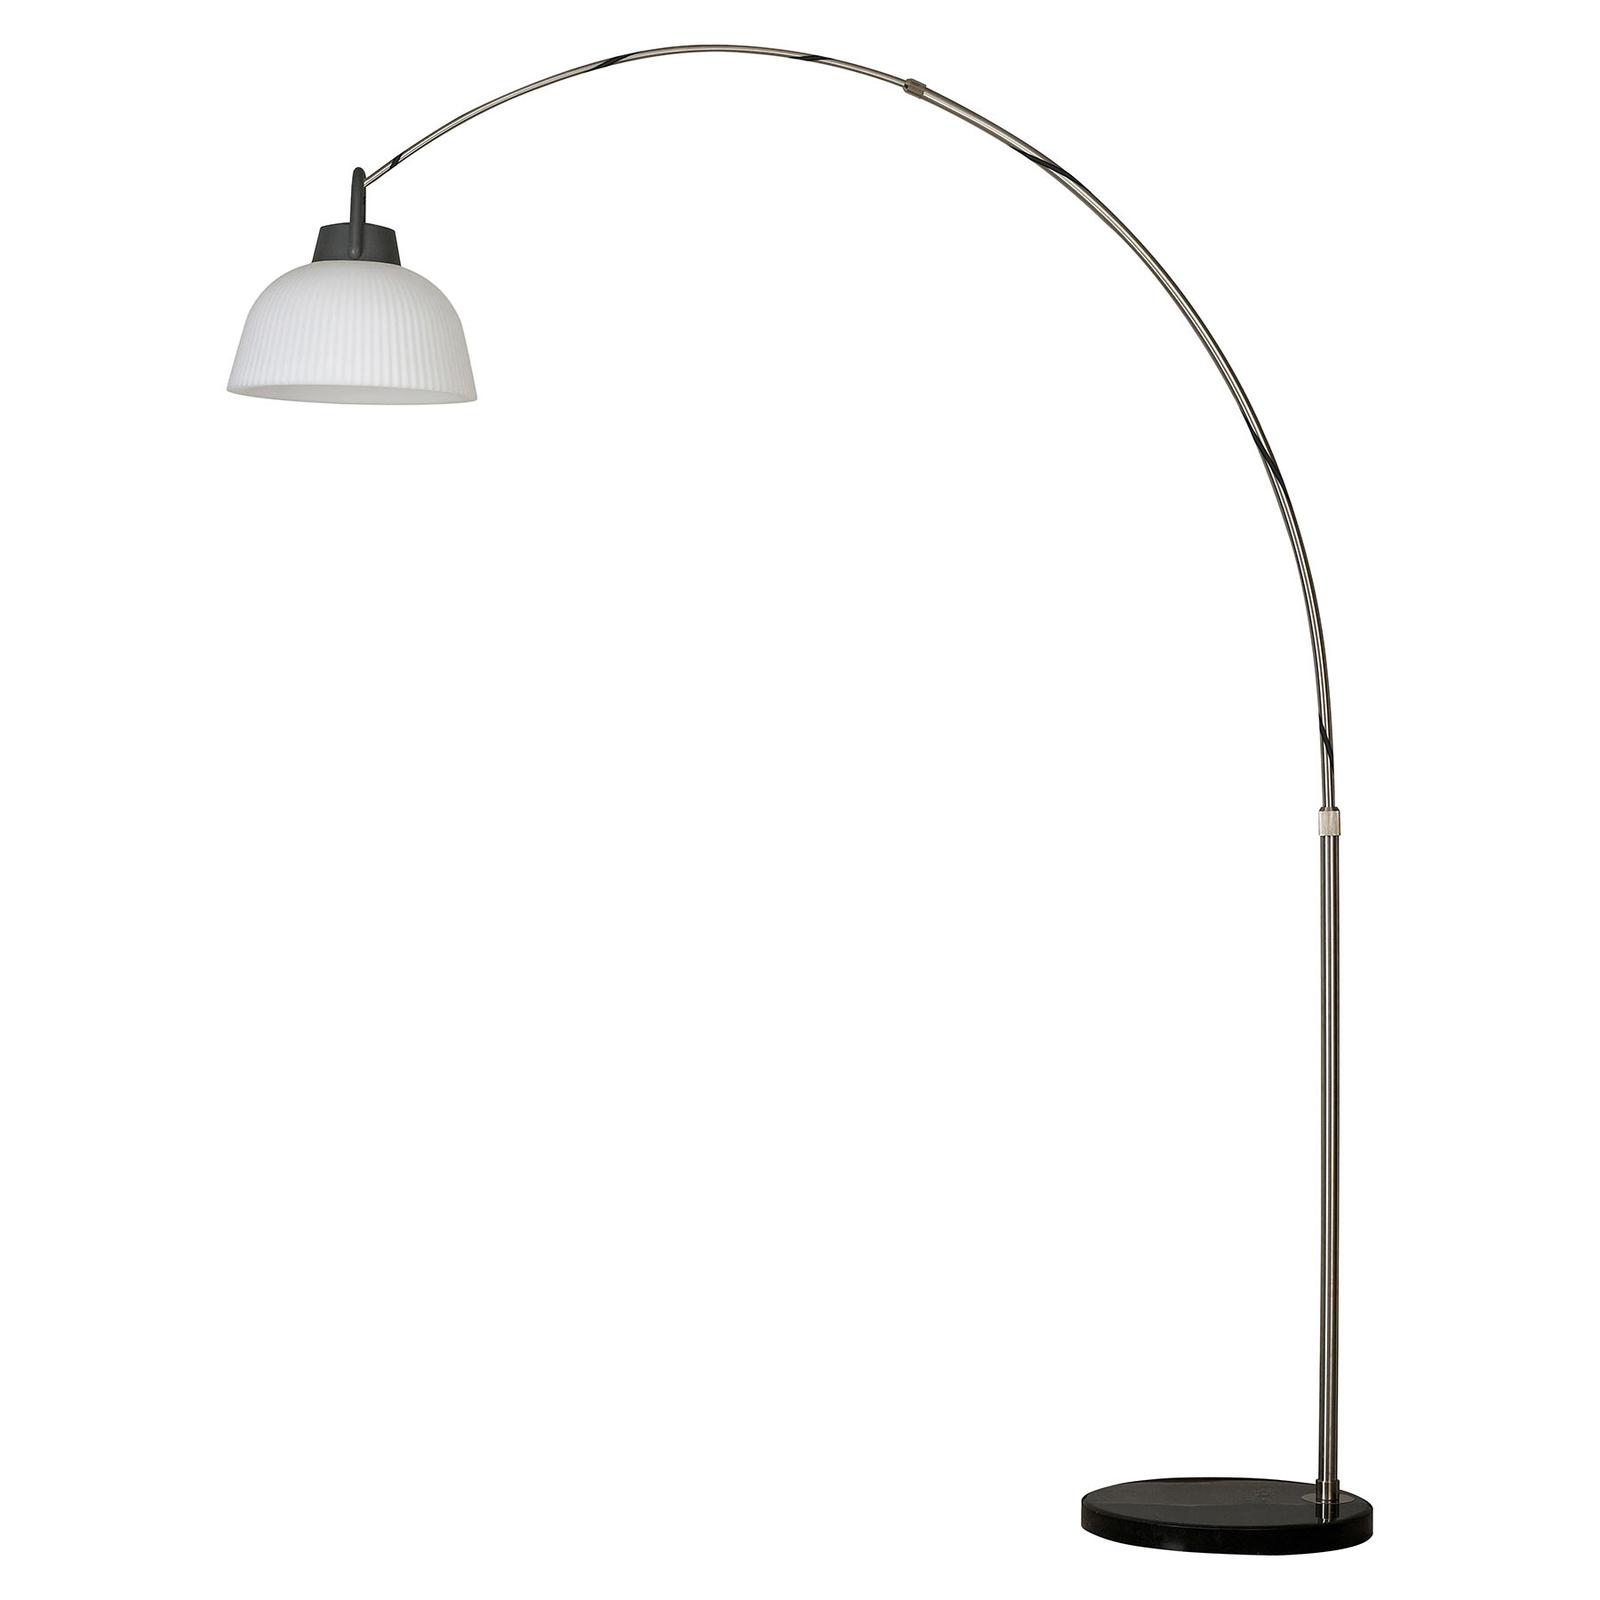 Lampa tarasowa Kinké półkulista niklowa matowa